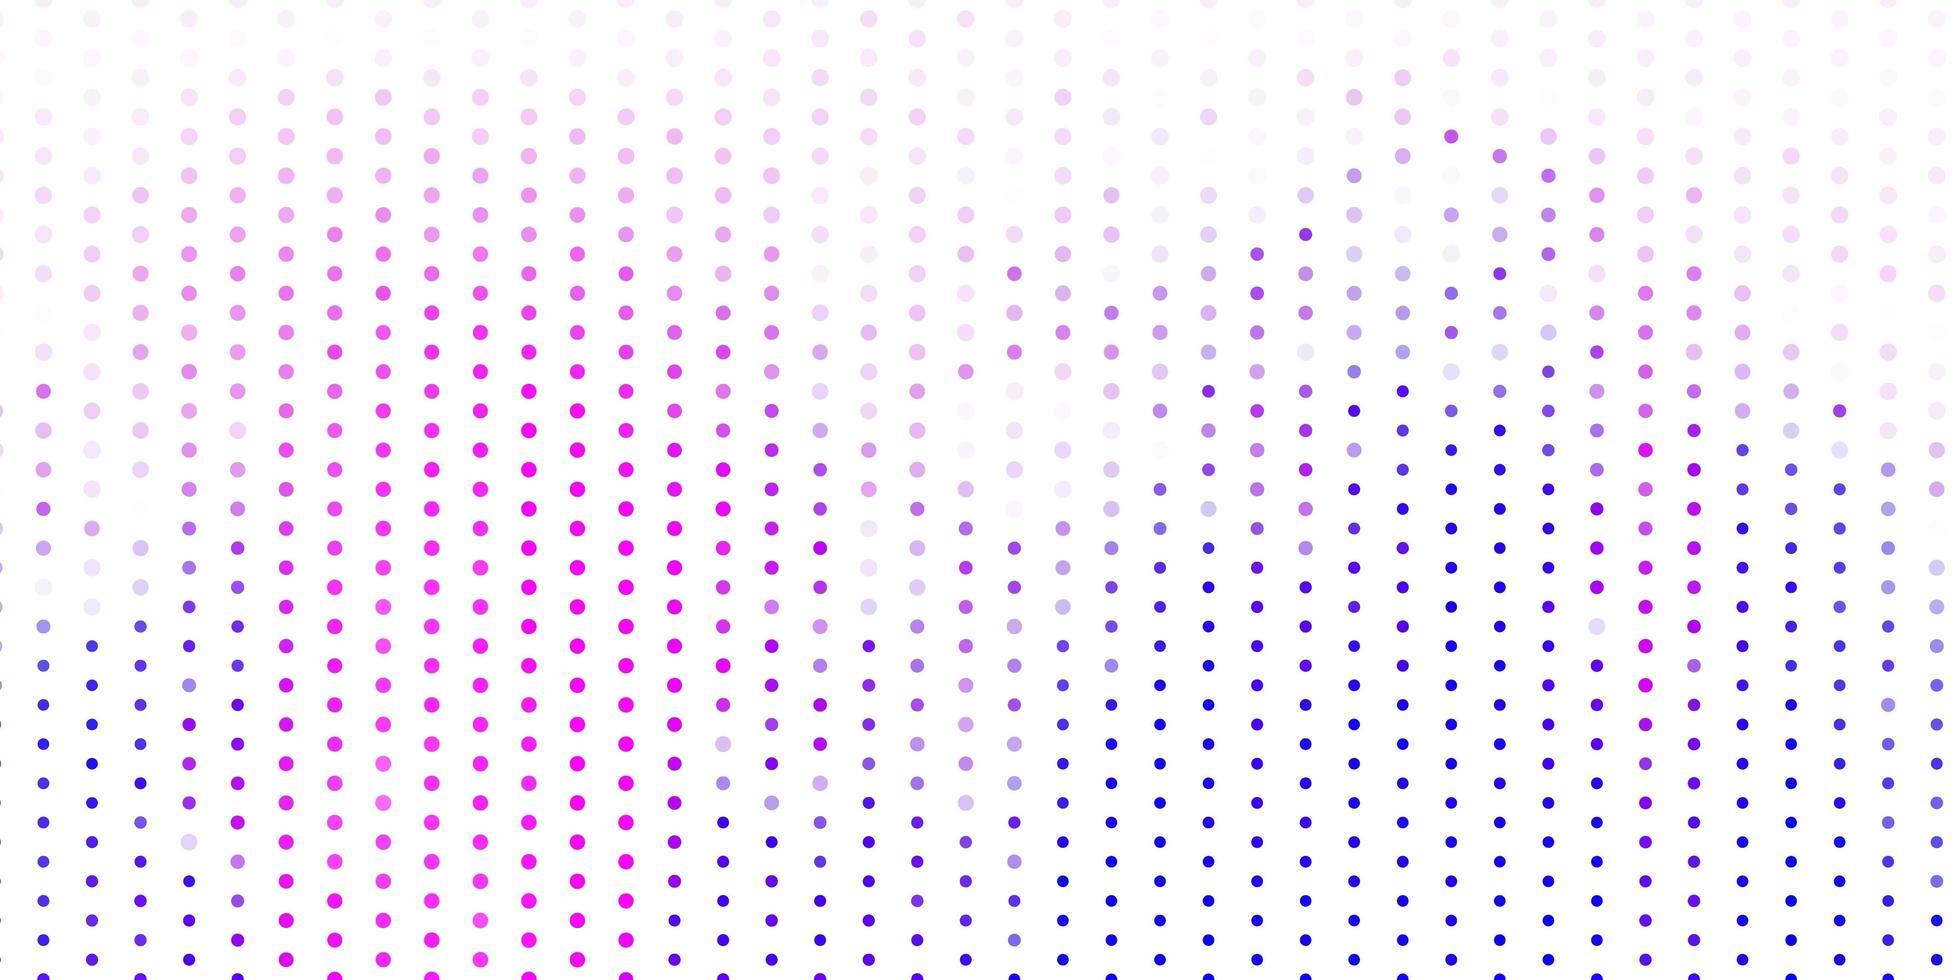 textura de vector rosa claro, azul con discos.